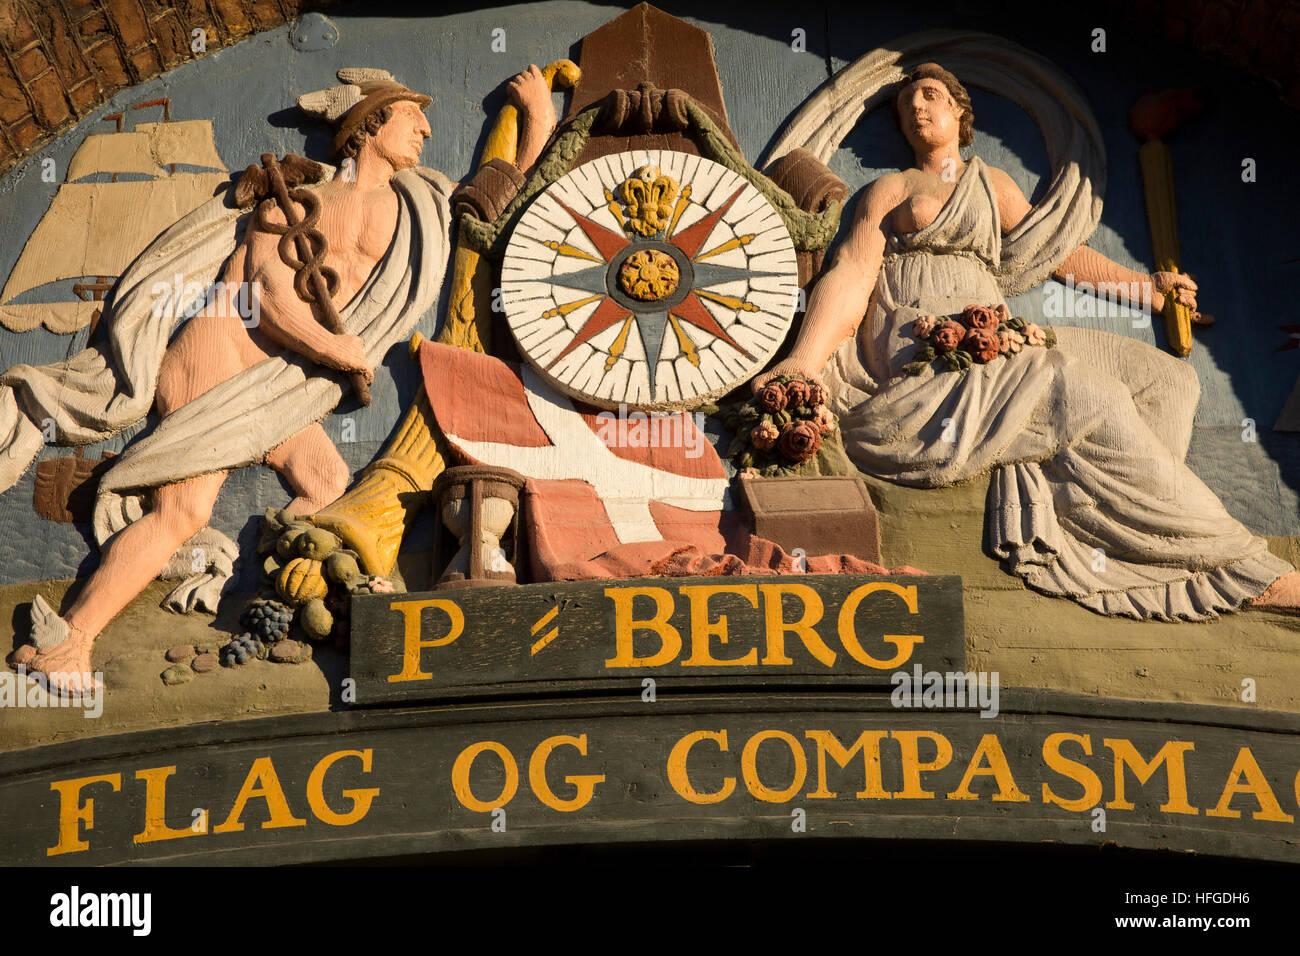 Denmark, Copenhagen, Nyhavn, P Berg, Sail, Flag and Compass Maker restored 1737 sign - Stock Image